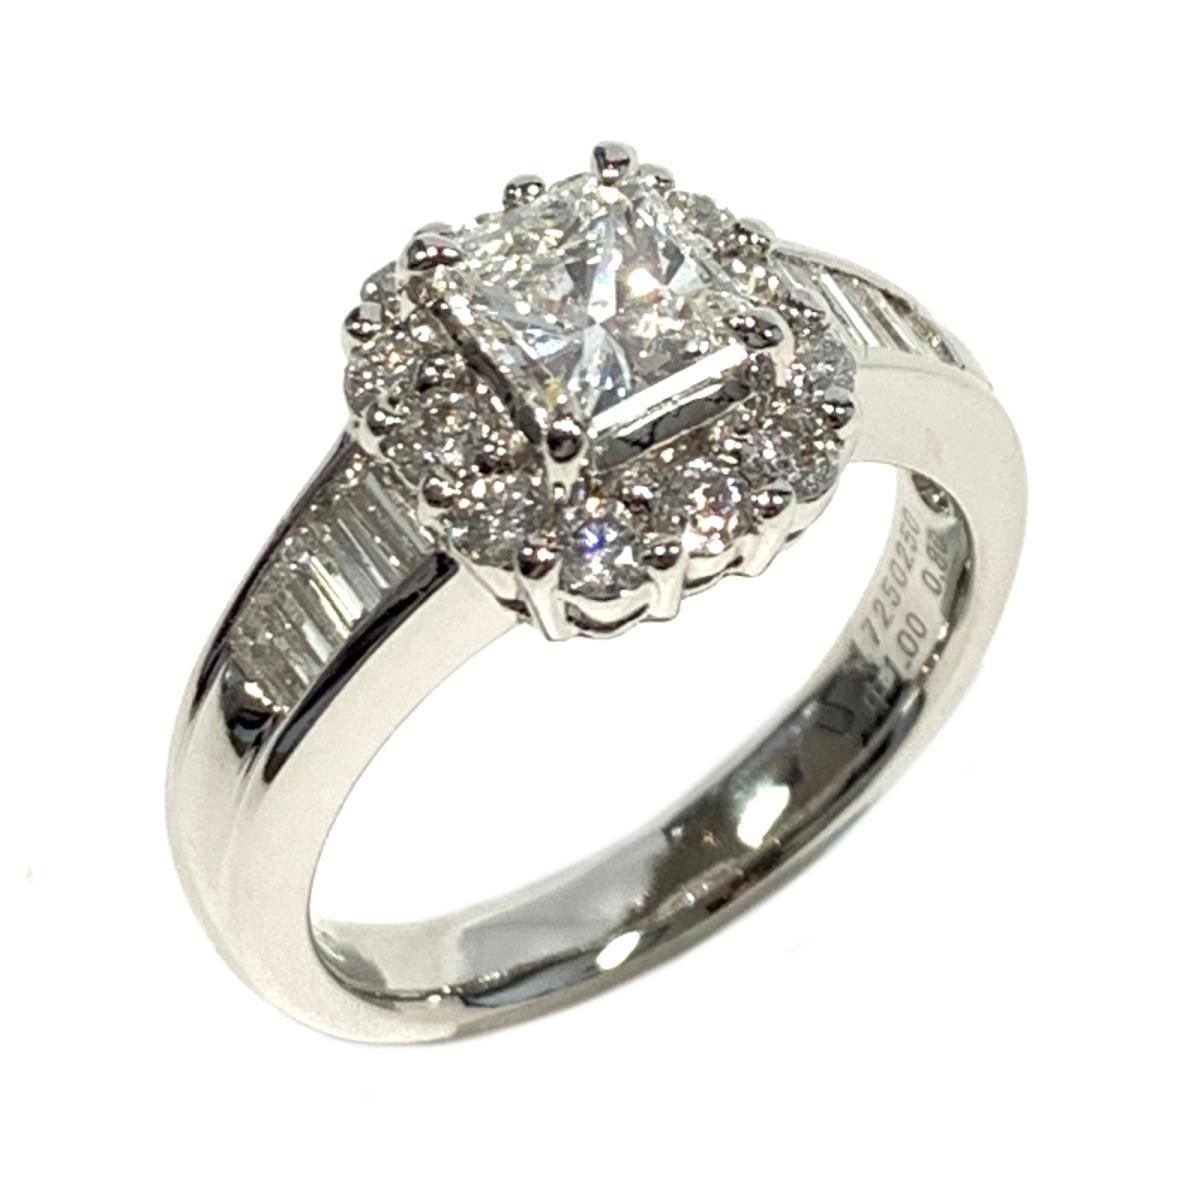 【中古】 ジュエリー ダイヤモンド リング 指輪 レディース PT900 プラチナ x ダイヤ1.00/0.80ct クリアー シルバー   JEWELRY BRANDOFF ブランドオフ ブランド アクセサリー